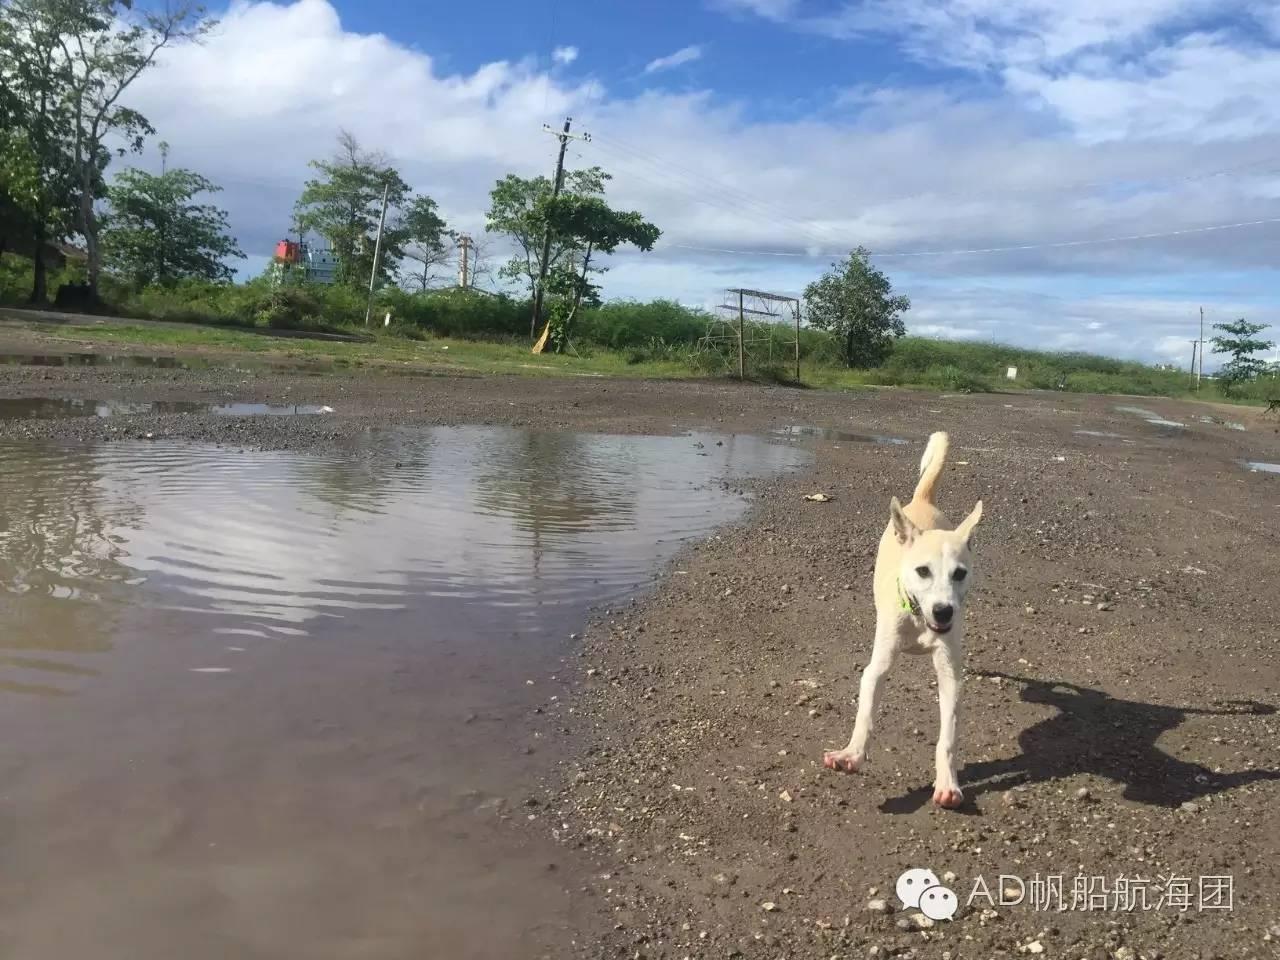 与航海无关—一只水手狗的羁绊 22f82ef707e7c468be98f642b458e249.jpg